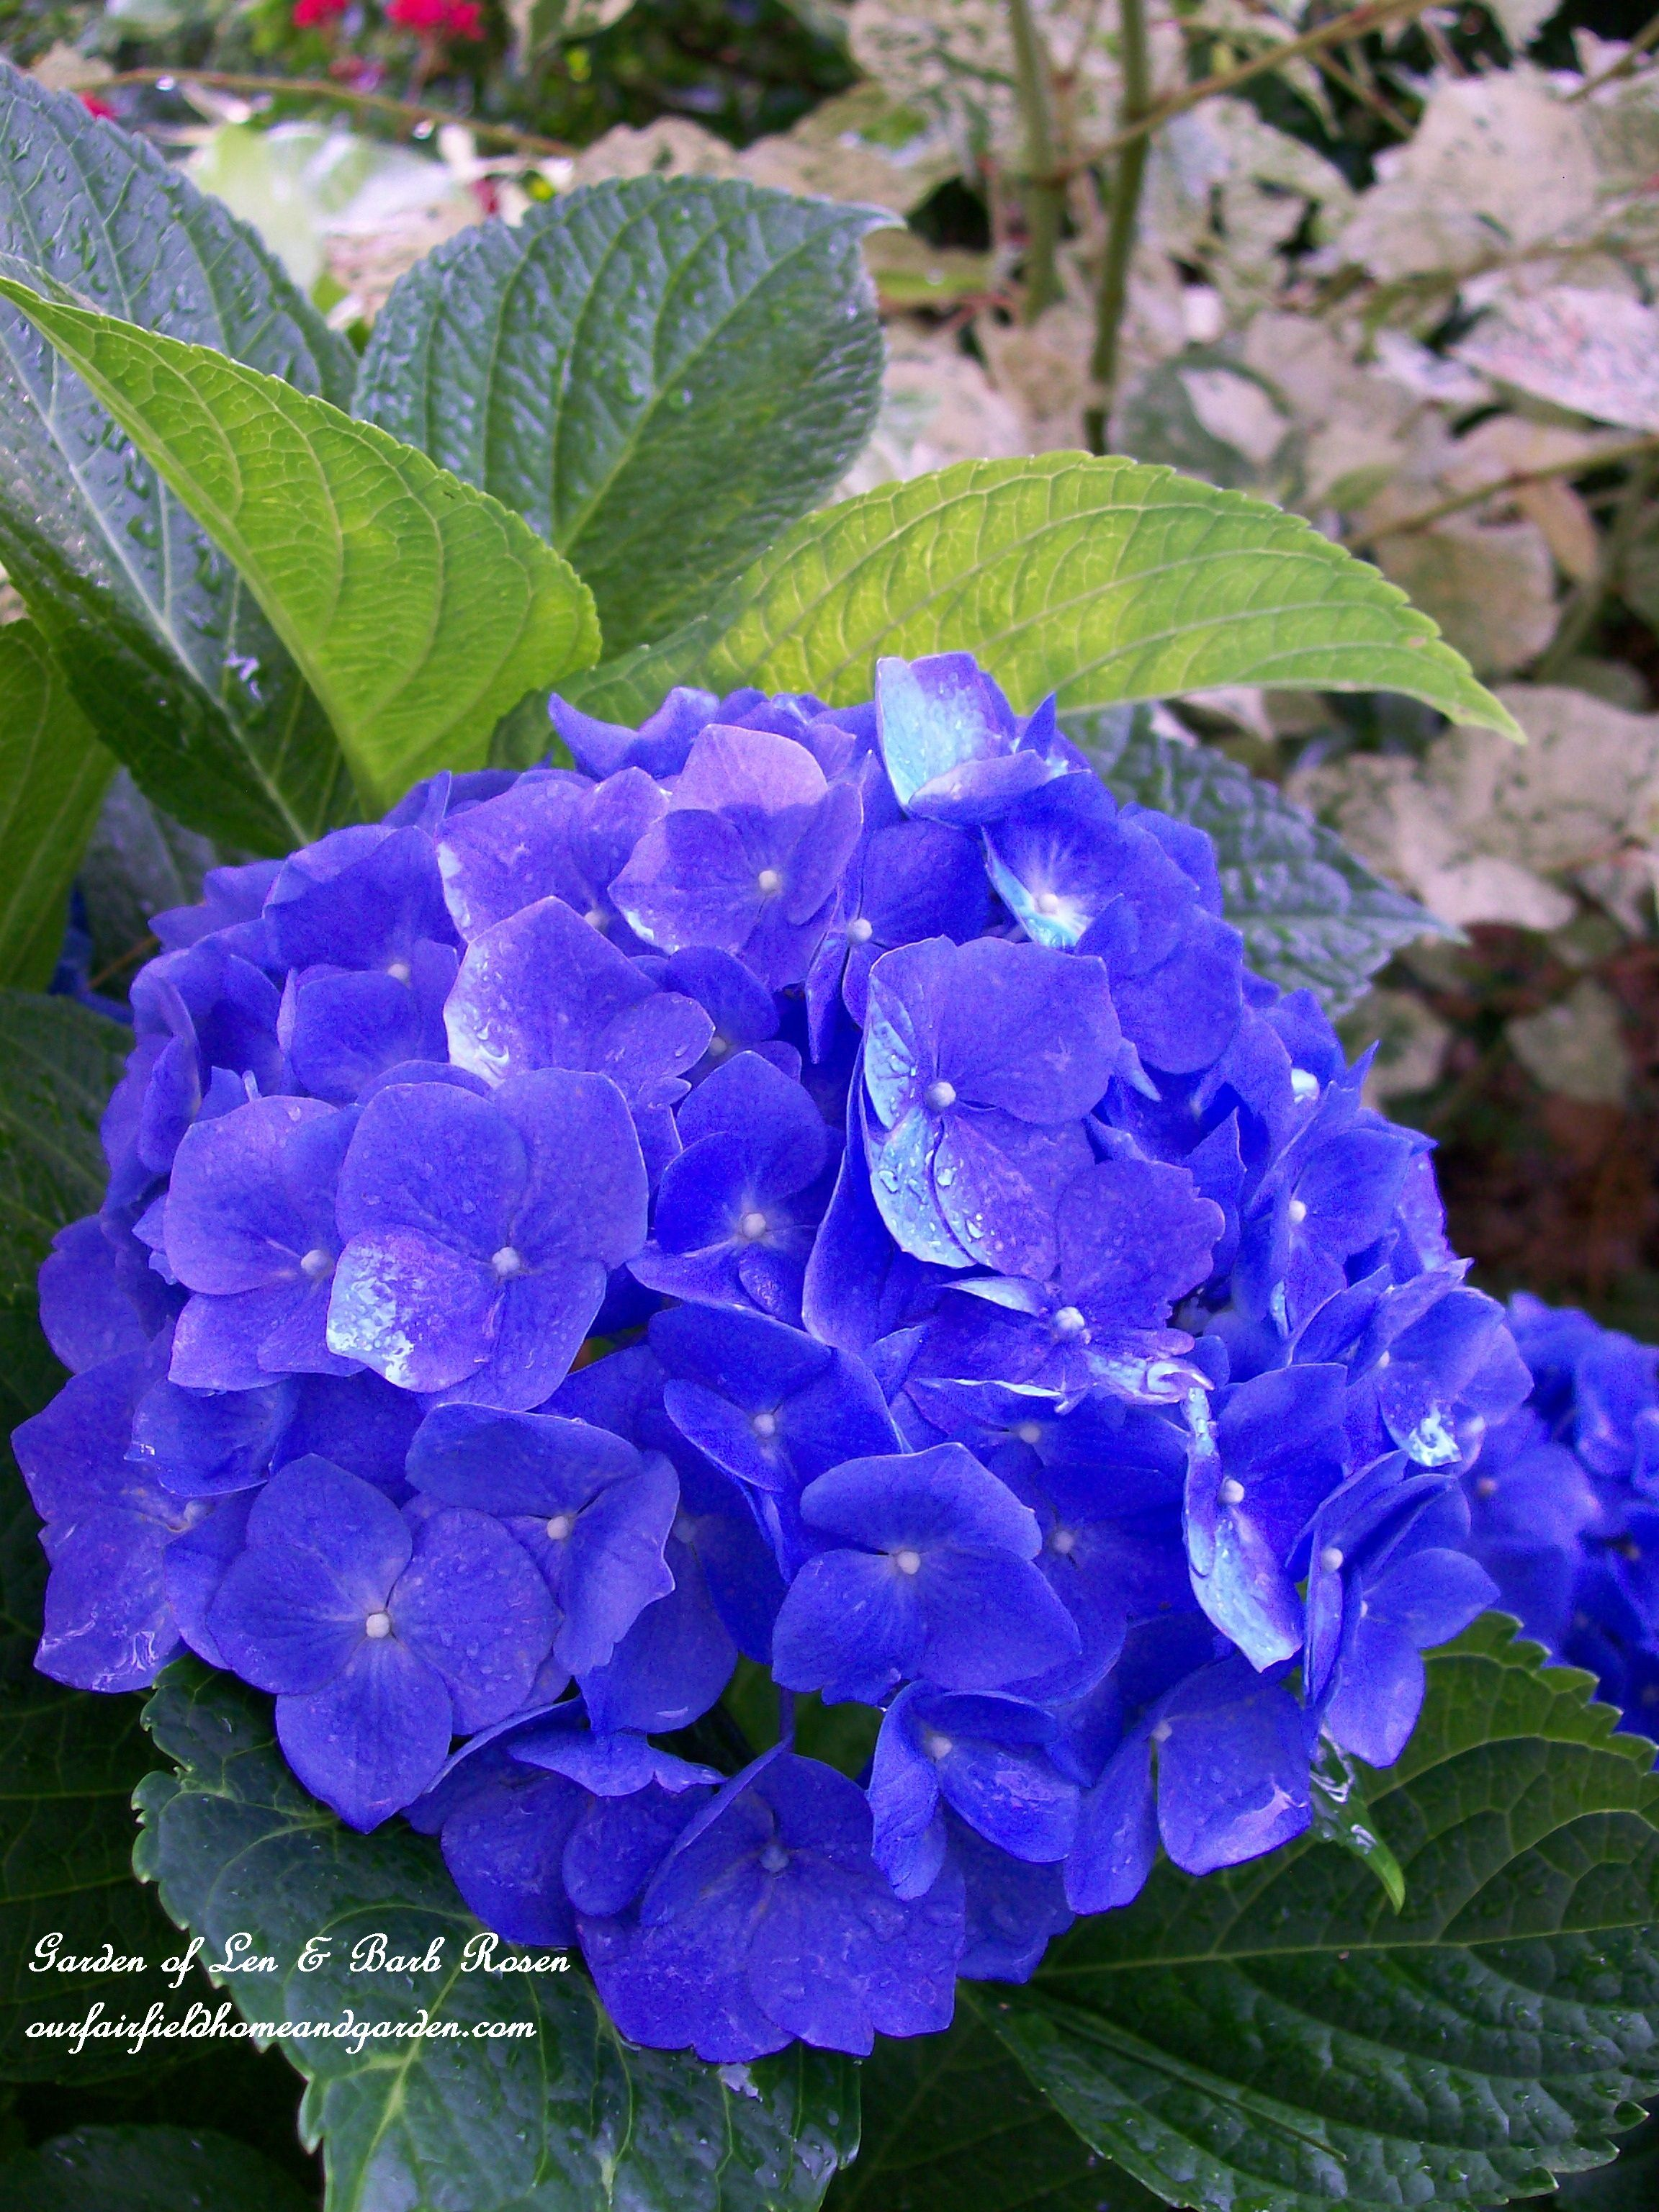 Hydrangea Nikko Blue Garden Of Len Barb Rosen Ourfairfieldhomeandgarden